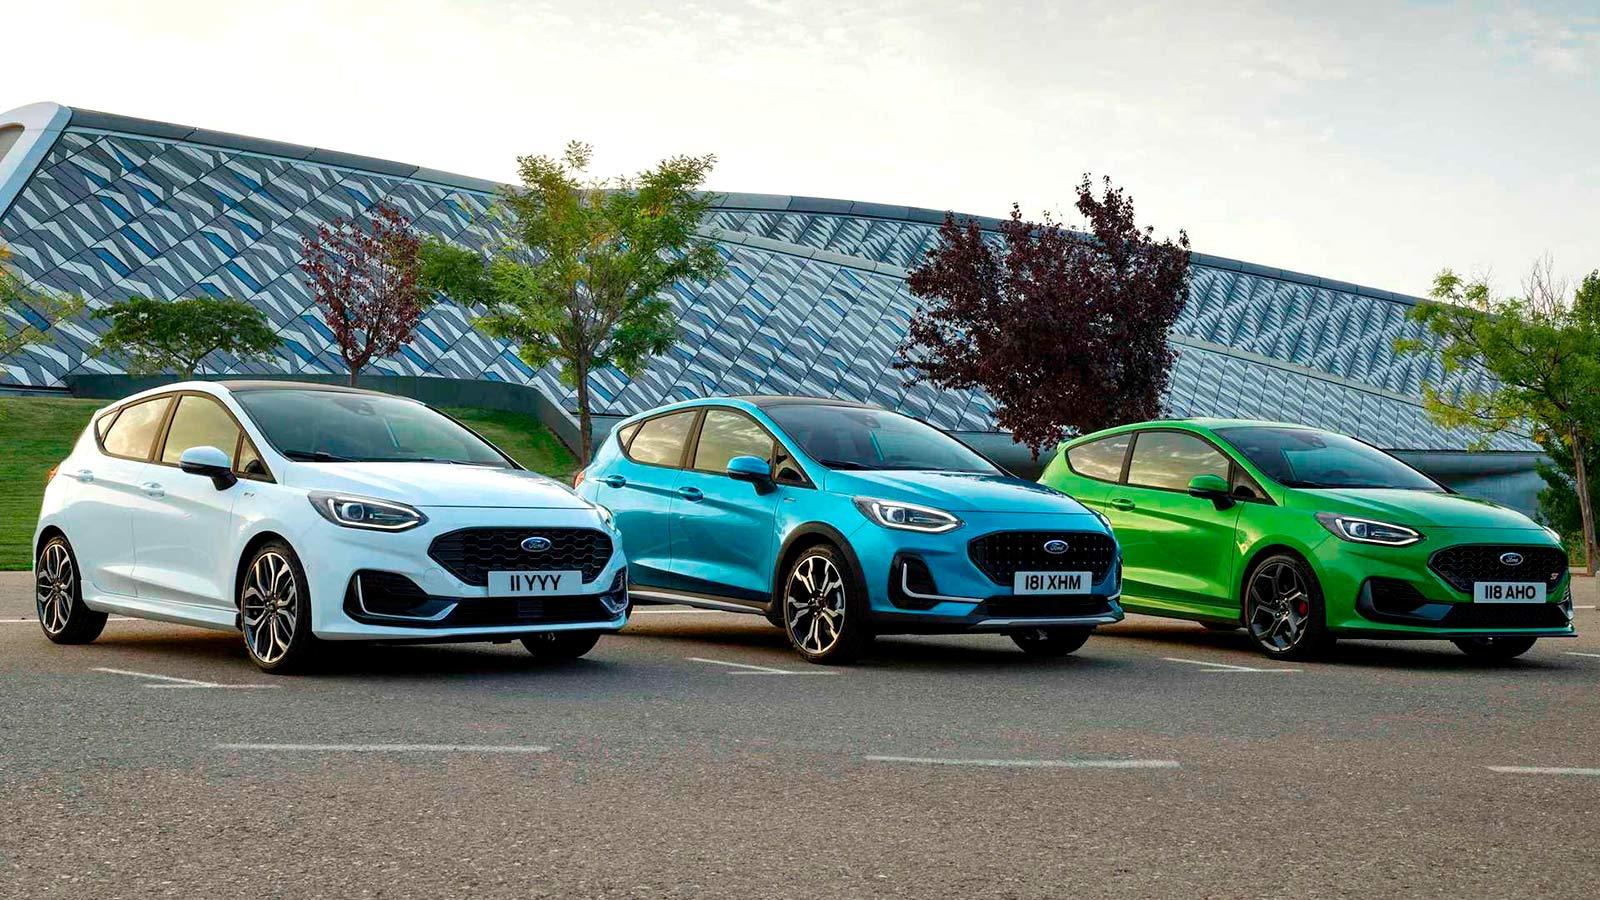 Хэтчбек Ford Fiesta - новое поколение